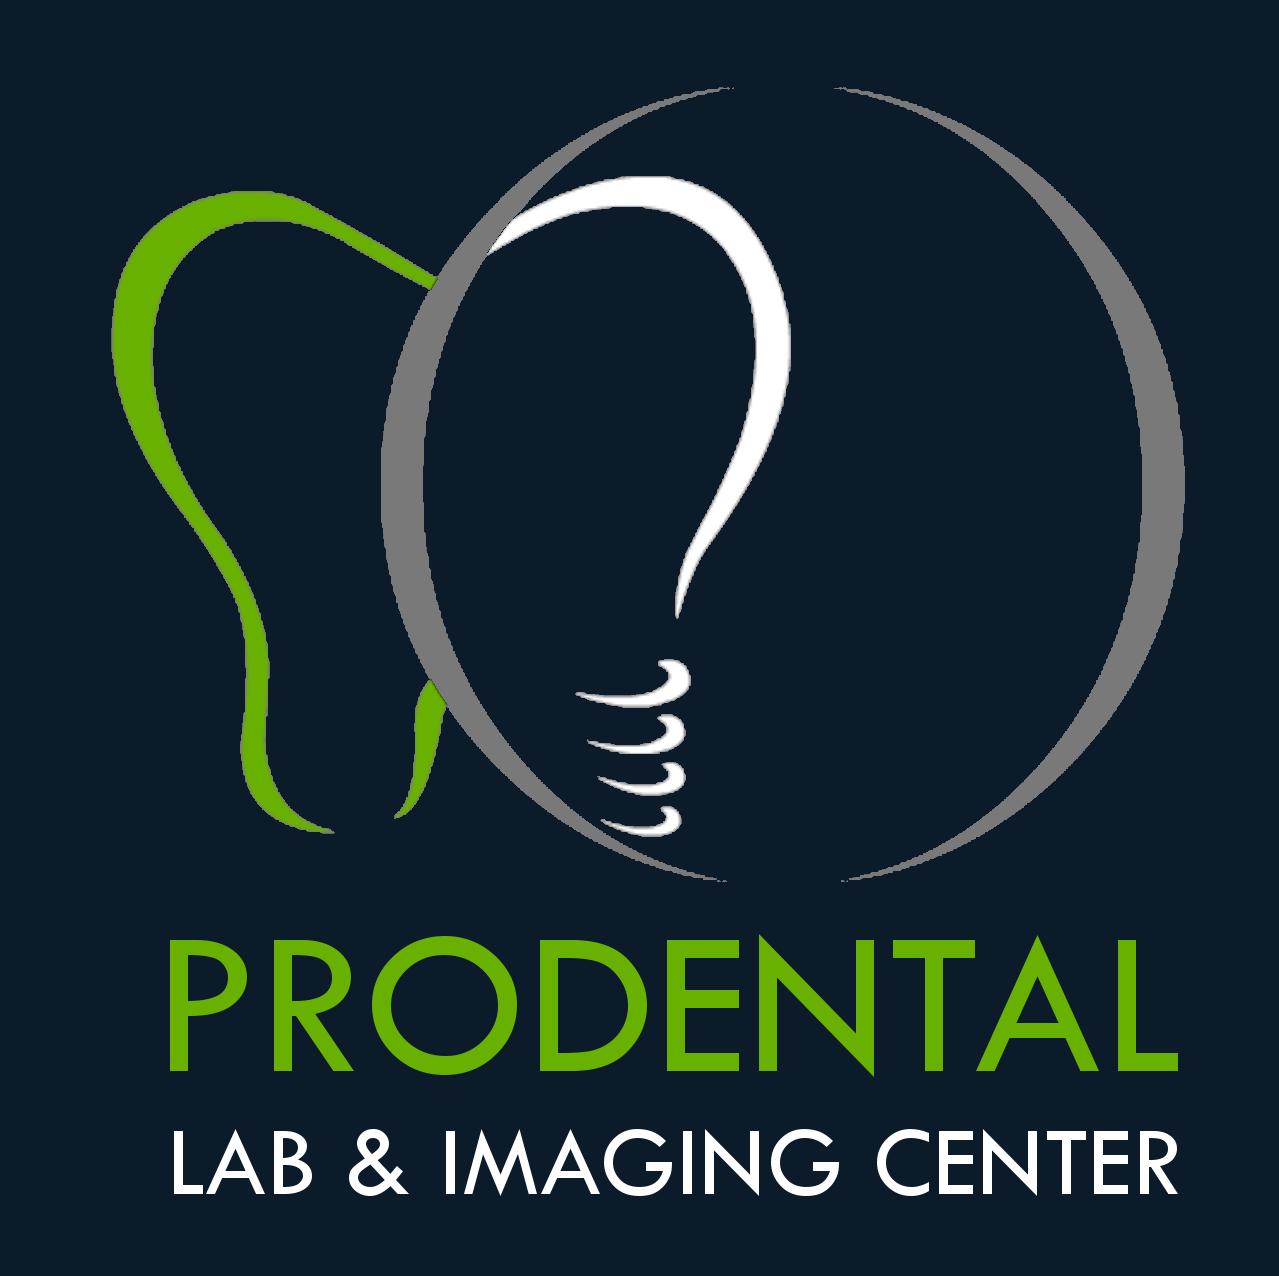 Pro Dental Lab & Imaging Center